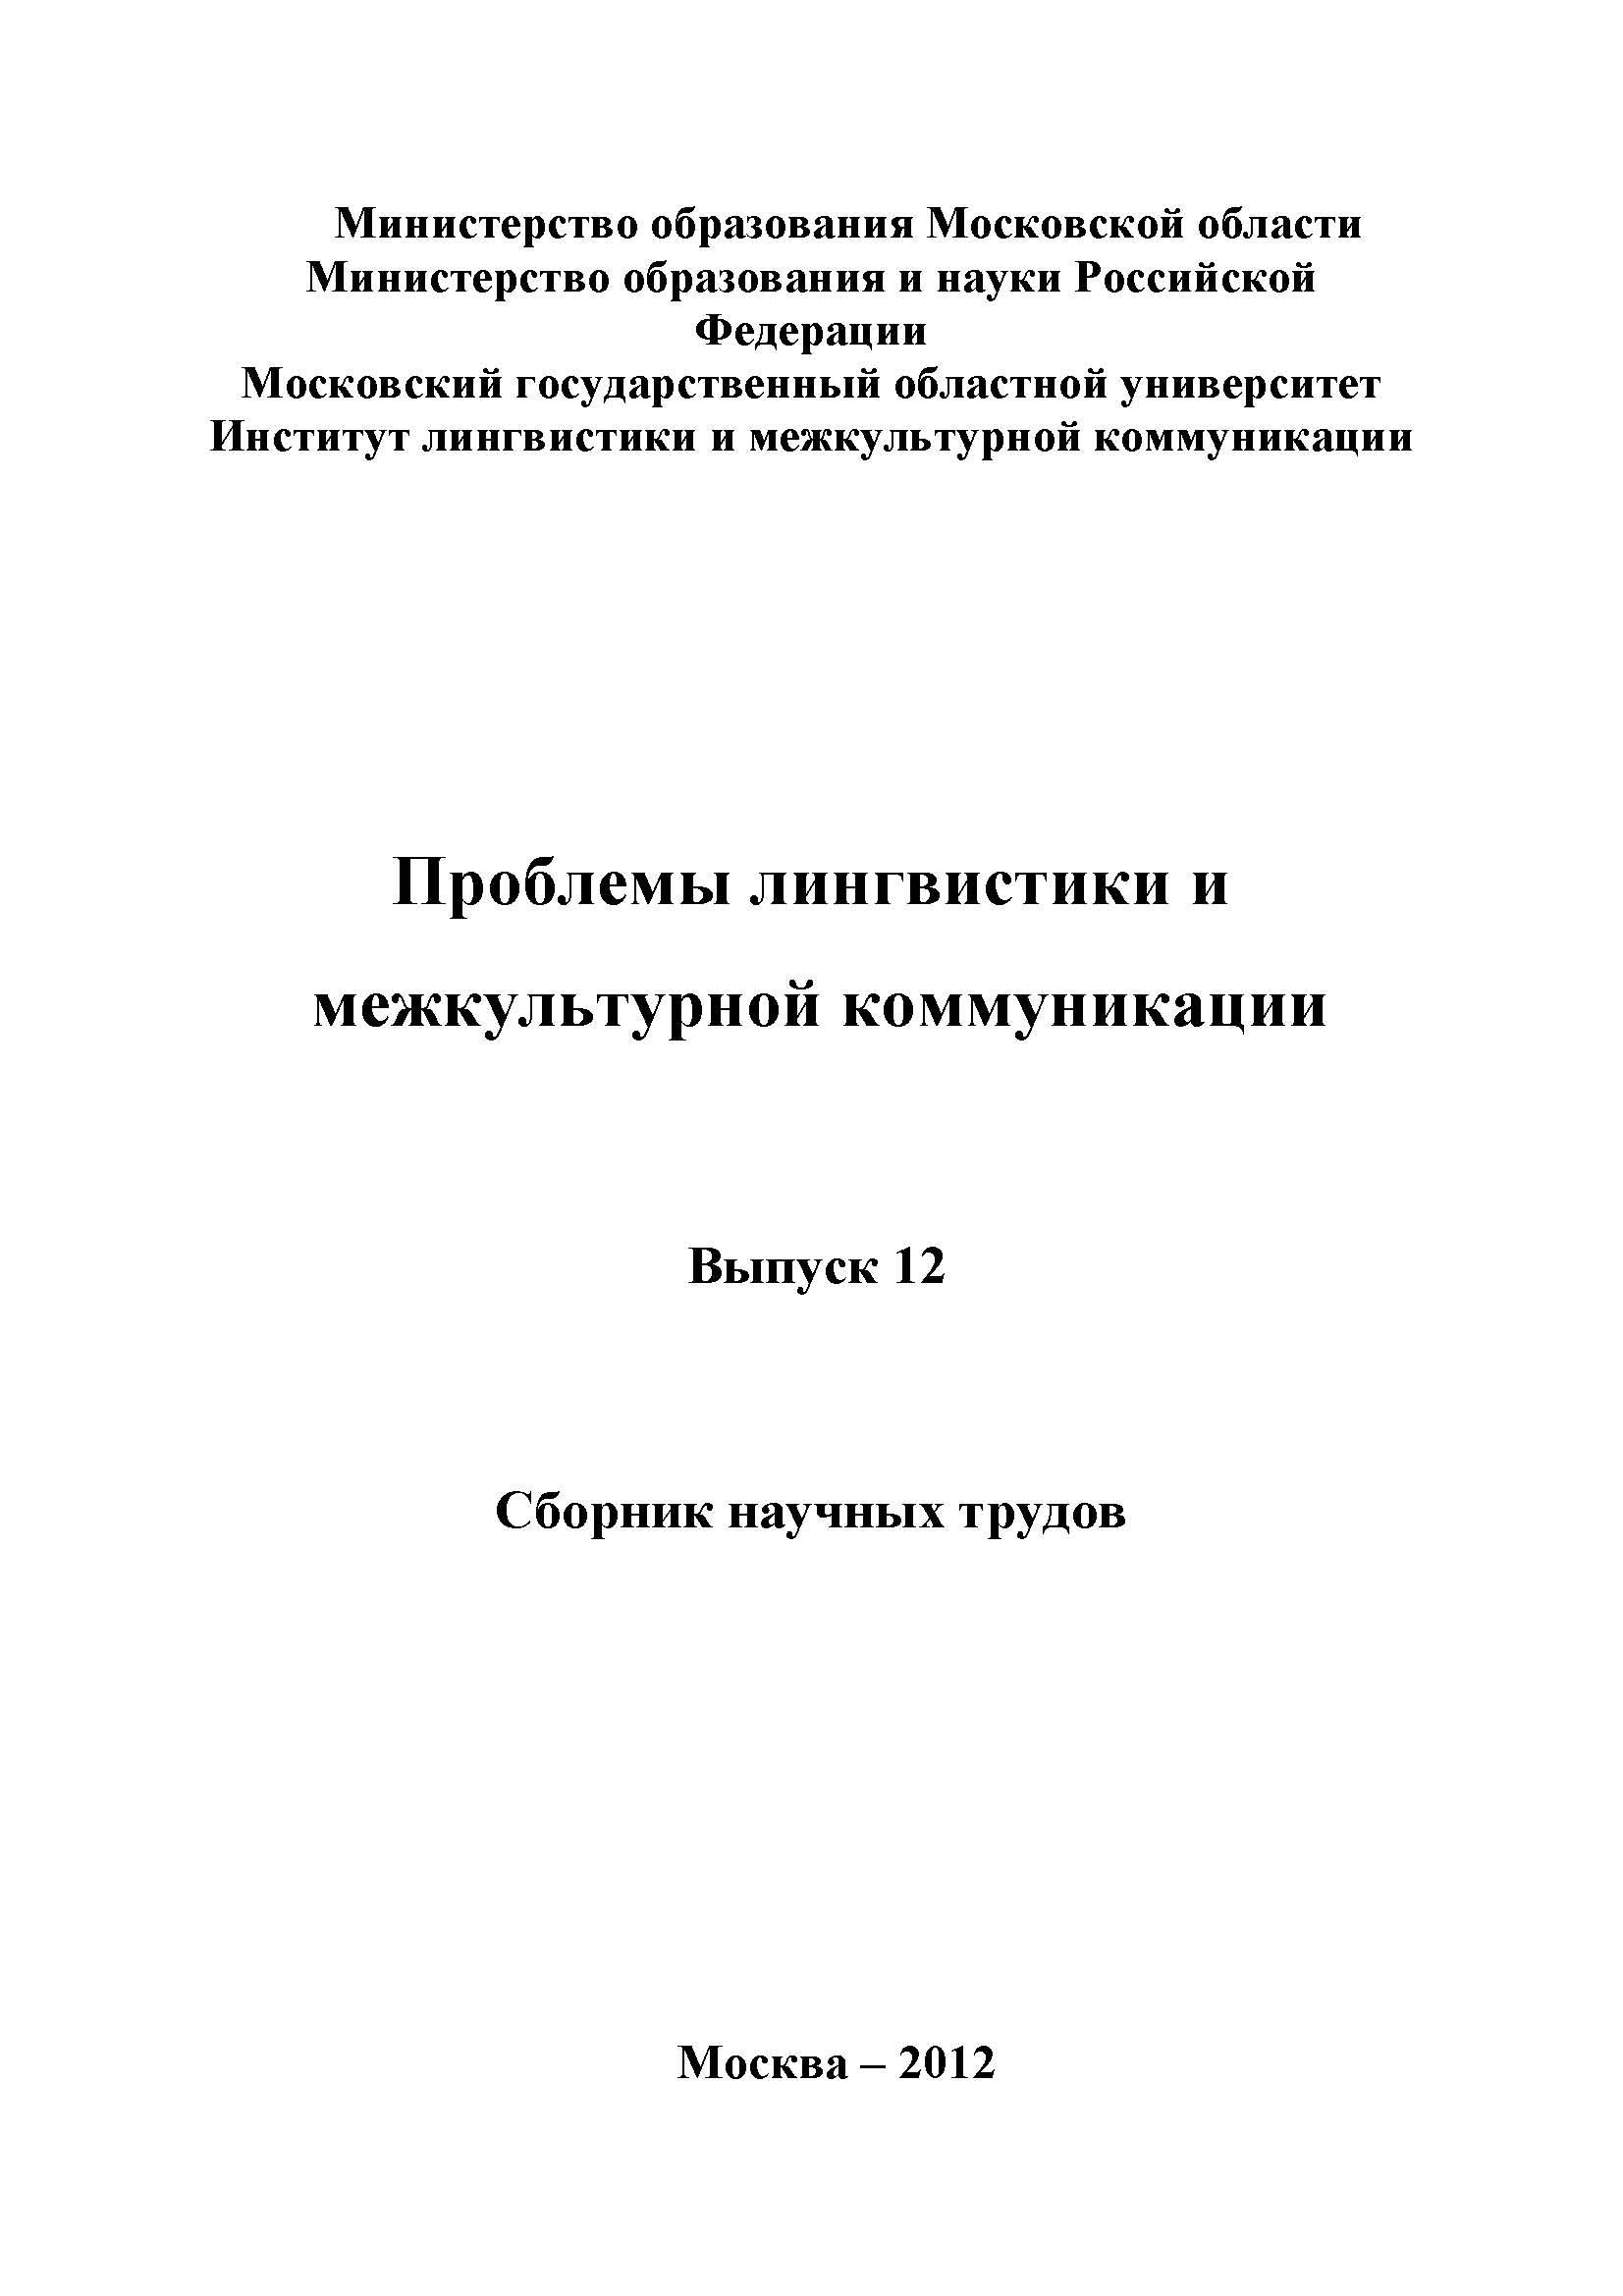 Вербальная агрессия в аналитической статье: причины и лингвистические средства её выражения (на материале британских и российских газетных статей)